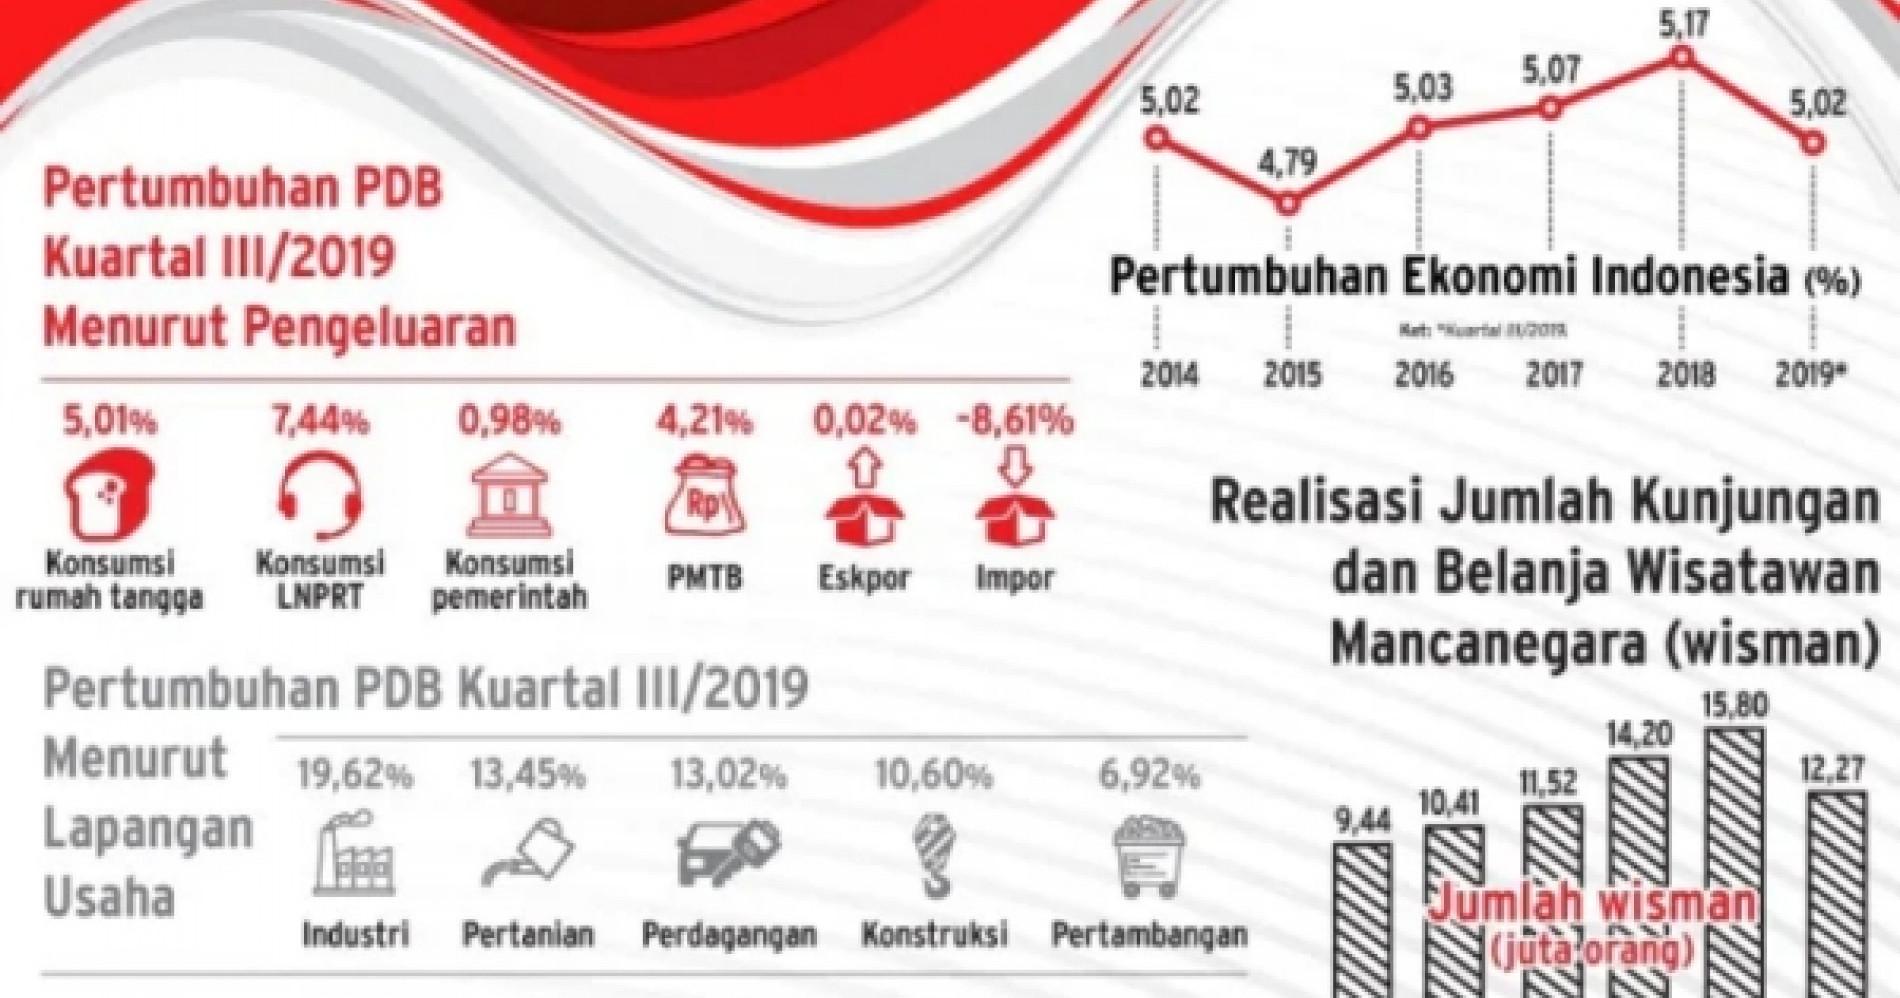 Potret Ekonomi Indonesia (Sumber : Bisnis.com)